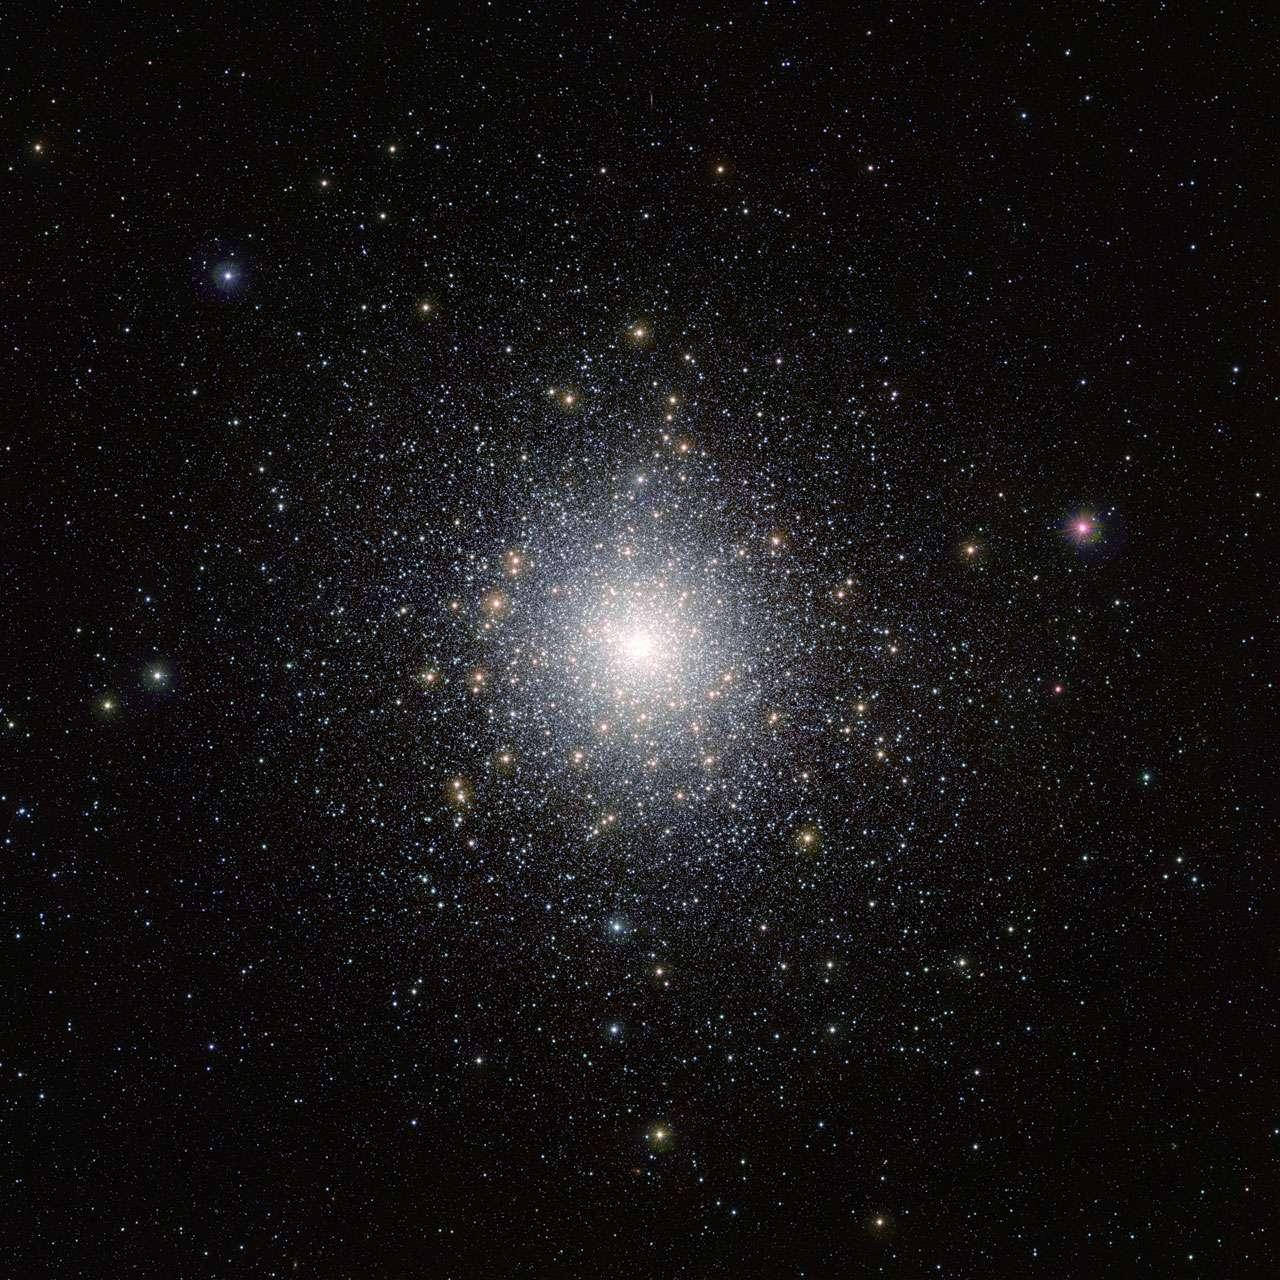 Cet amas d'étoiles lumineux est 47 Tucanae (NGC 104), montré ici sur une image réalisée par le télescope Vista (Visible and Infrared Survey Telescope for Astronomy) de l'ESO, à l'observatoire de Paranal, au Chili. Cet amas se trouve à environ 15.000 années-lumière de la Terre et contient des millions d'étoiles dont certaines sont très peu communes. Cette image a été prise dans le cadre de la campagne d'observation Vista Magellanic Cloud Survey, un projet dédié à la cartographie de la région des Nuages de Magellan, deux petites galaxies très proches de la Voie lactée. © ESO, M.-R. Cioni, Vista Magellanic Cloud Survey, Cambridge Astronomical Survey Unit